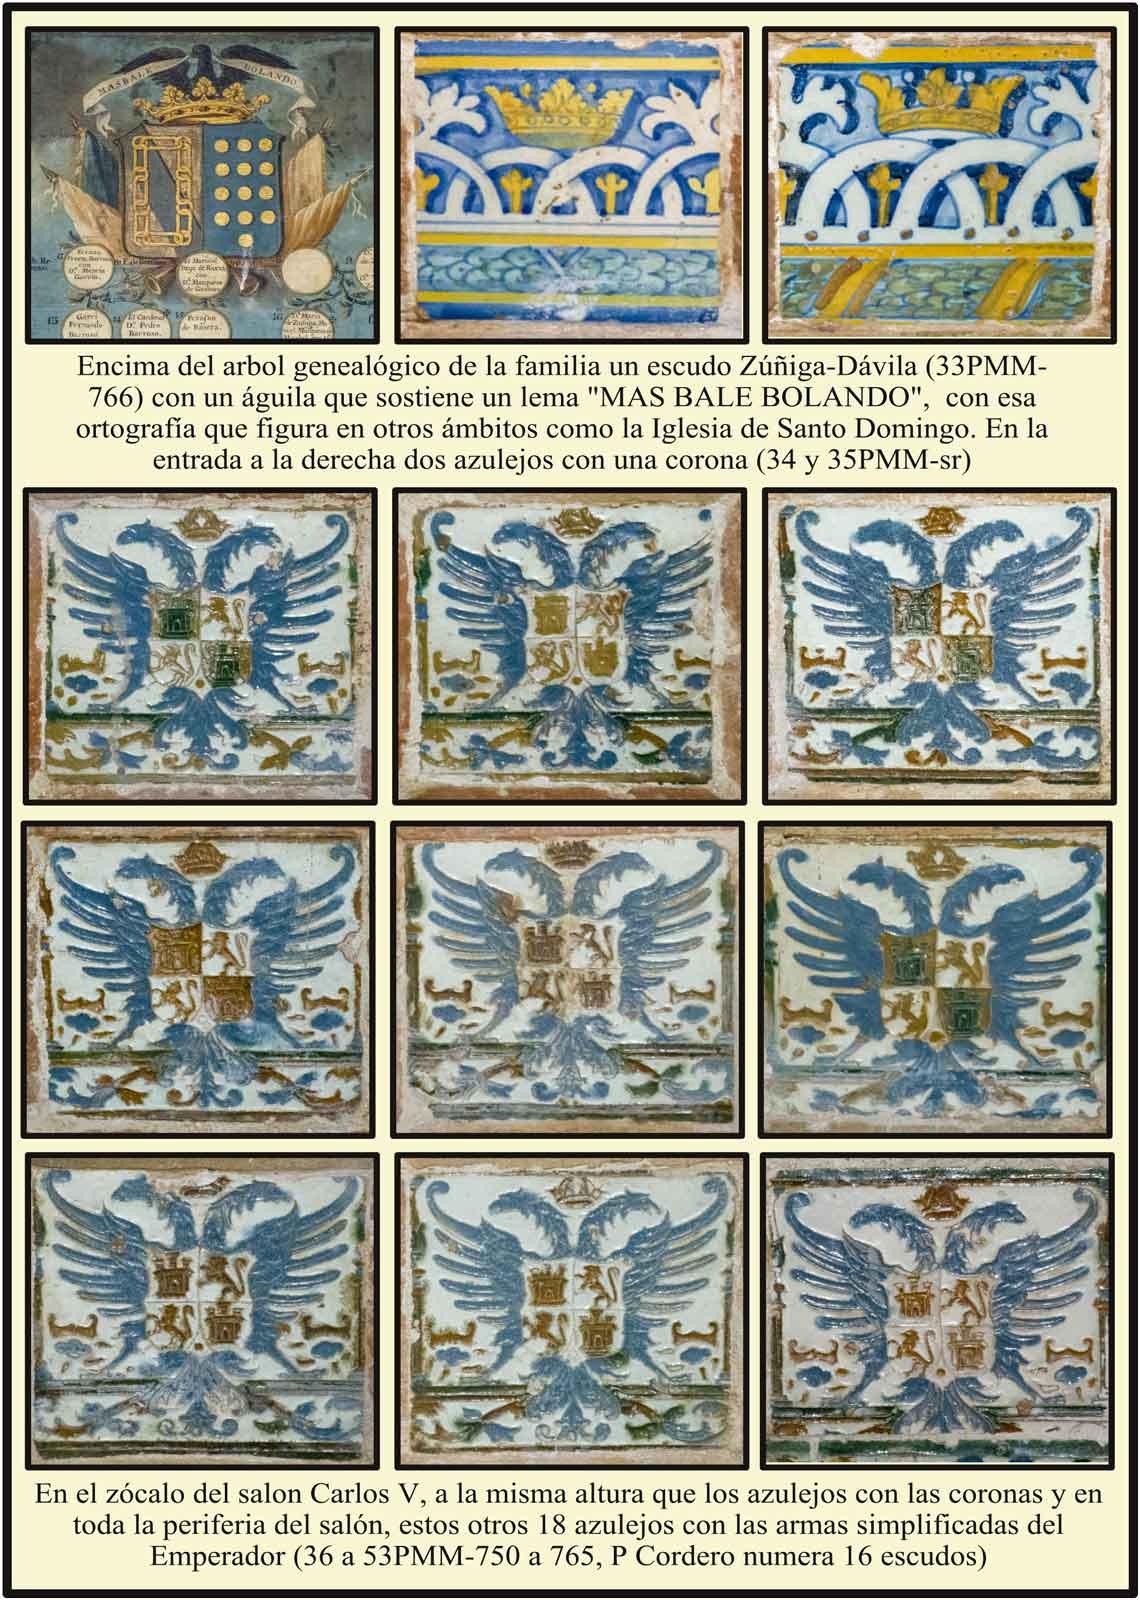 Salón de Carlos V azulejos con escudo del Emperador Carlos V procedentes del Monasterio de Yuste